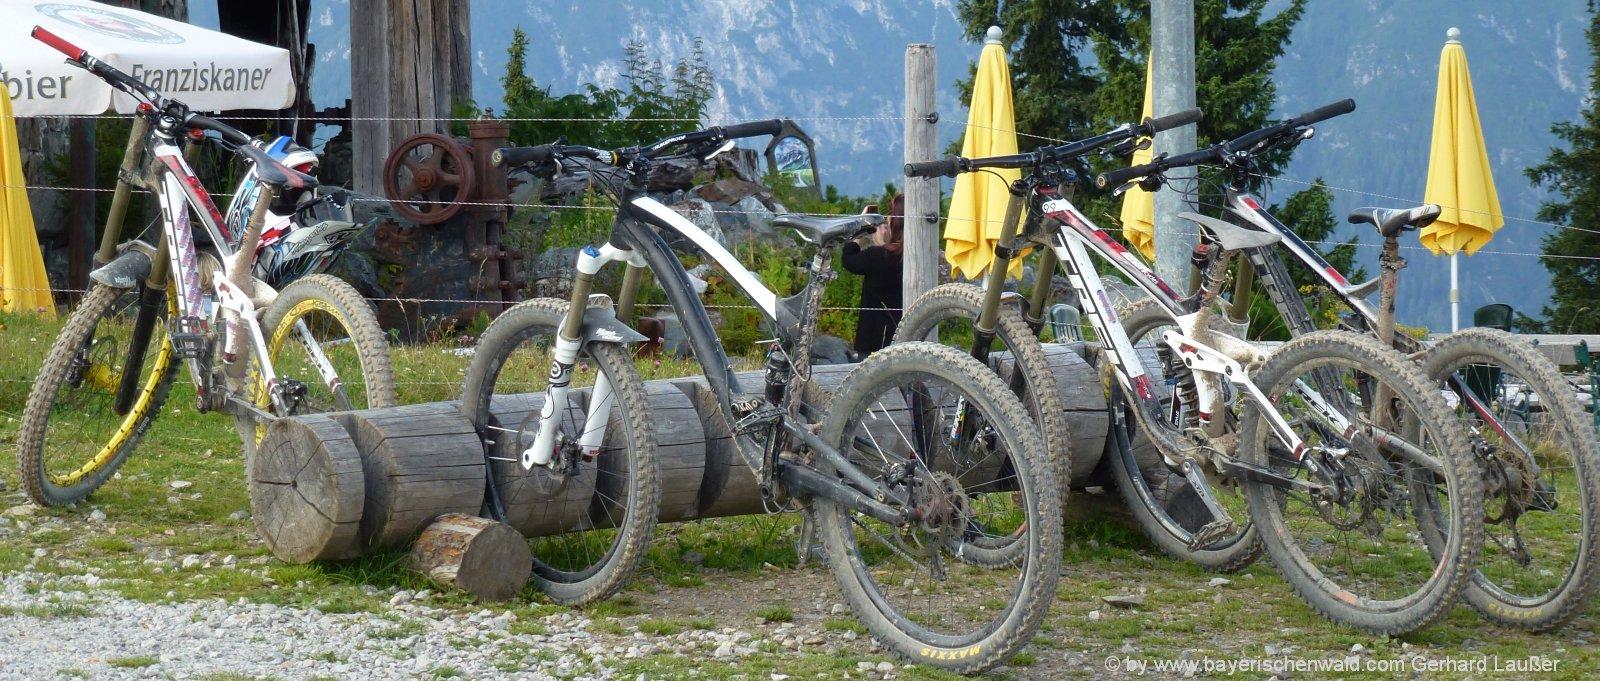 radurlaub-oberpfalz-freizeit-mountainbike-fahren